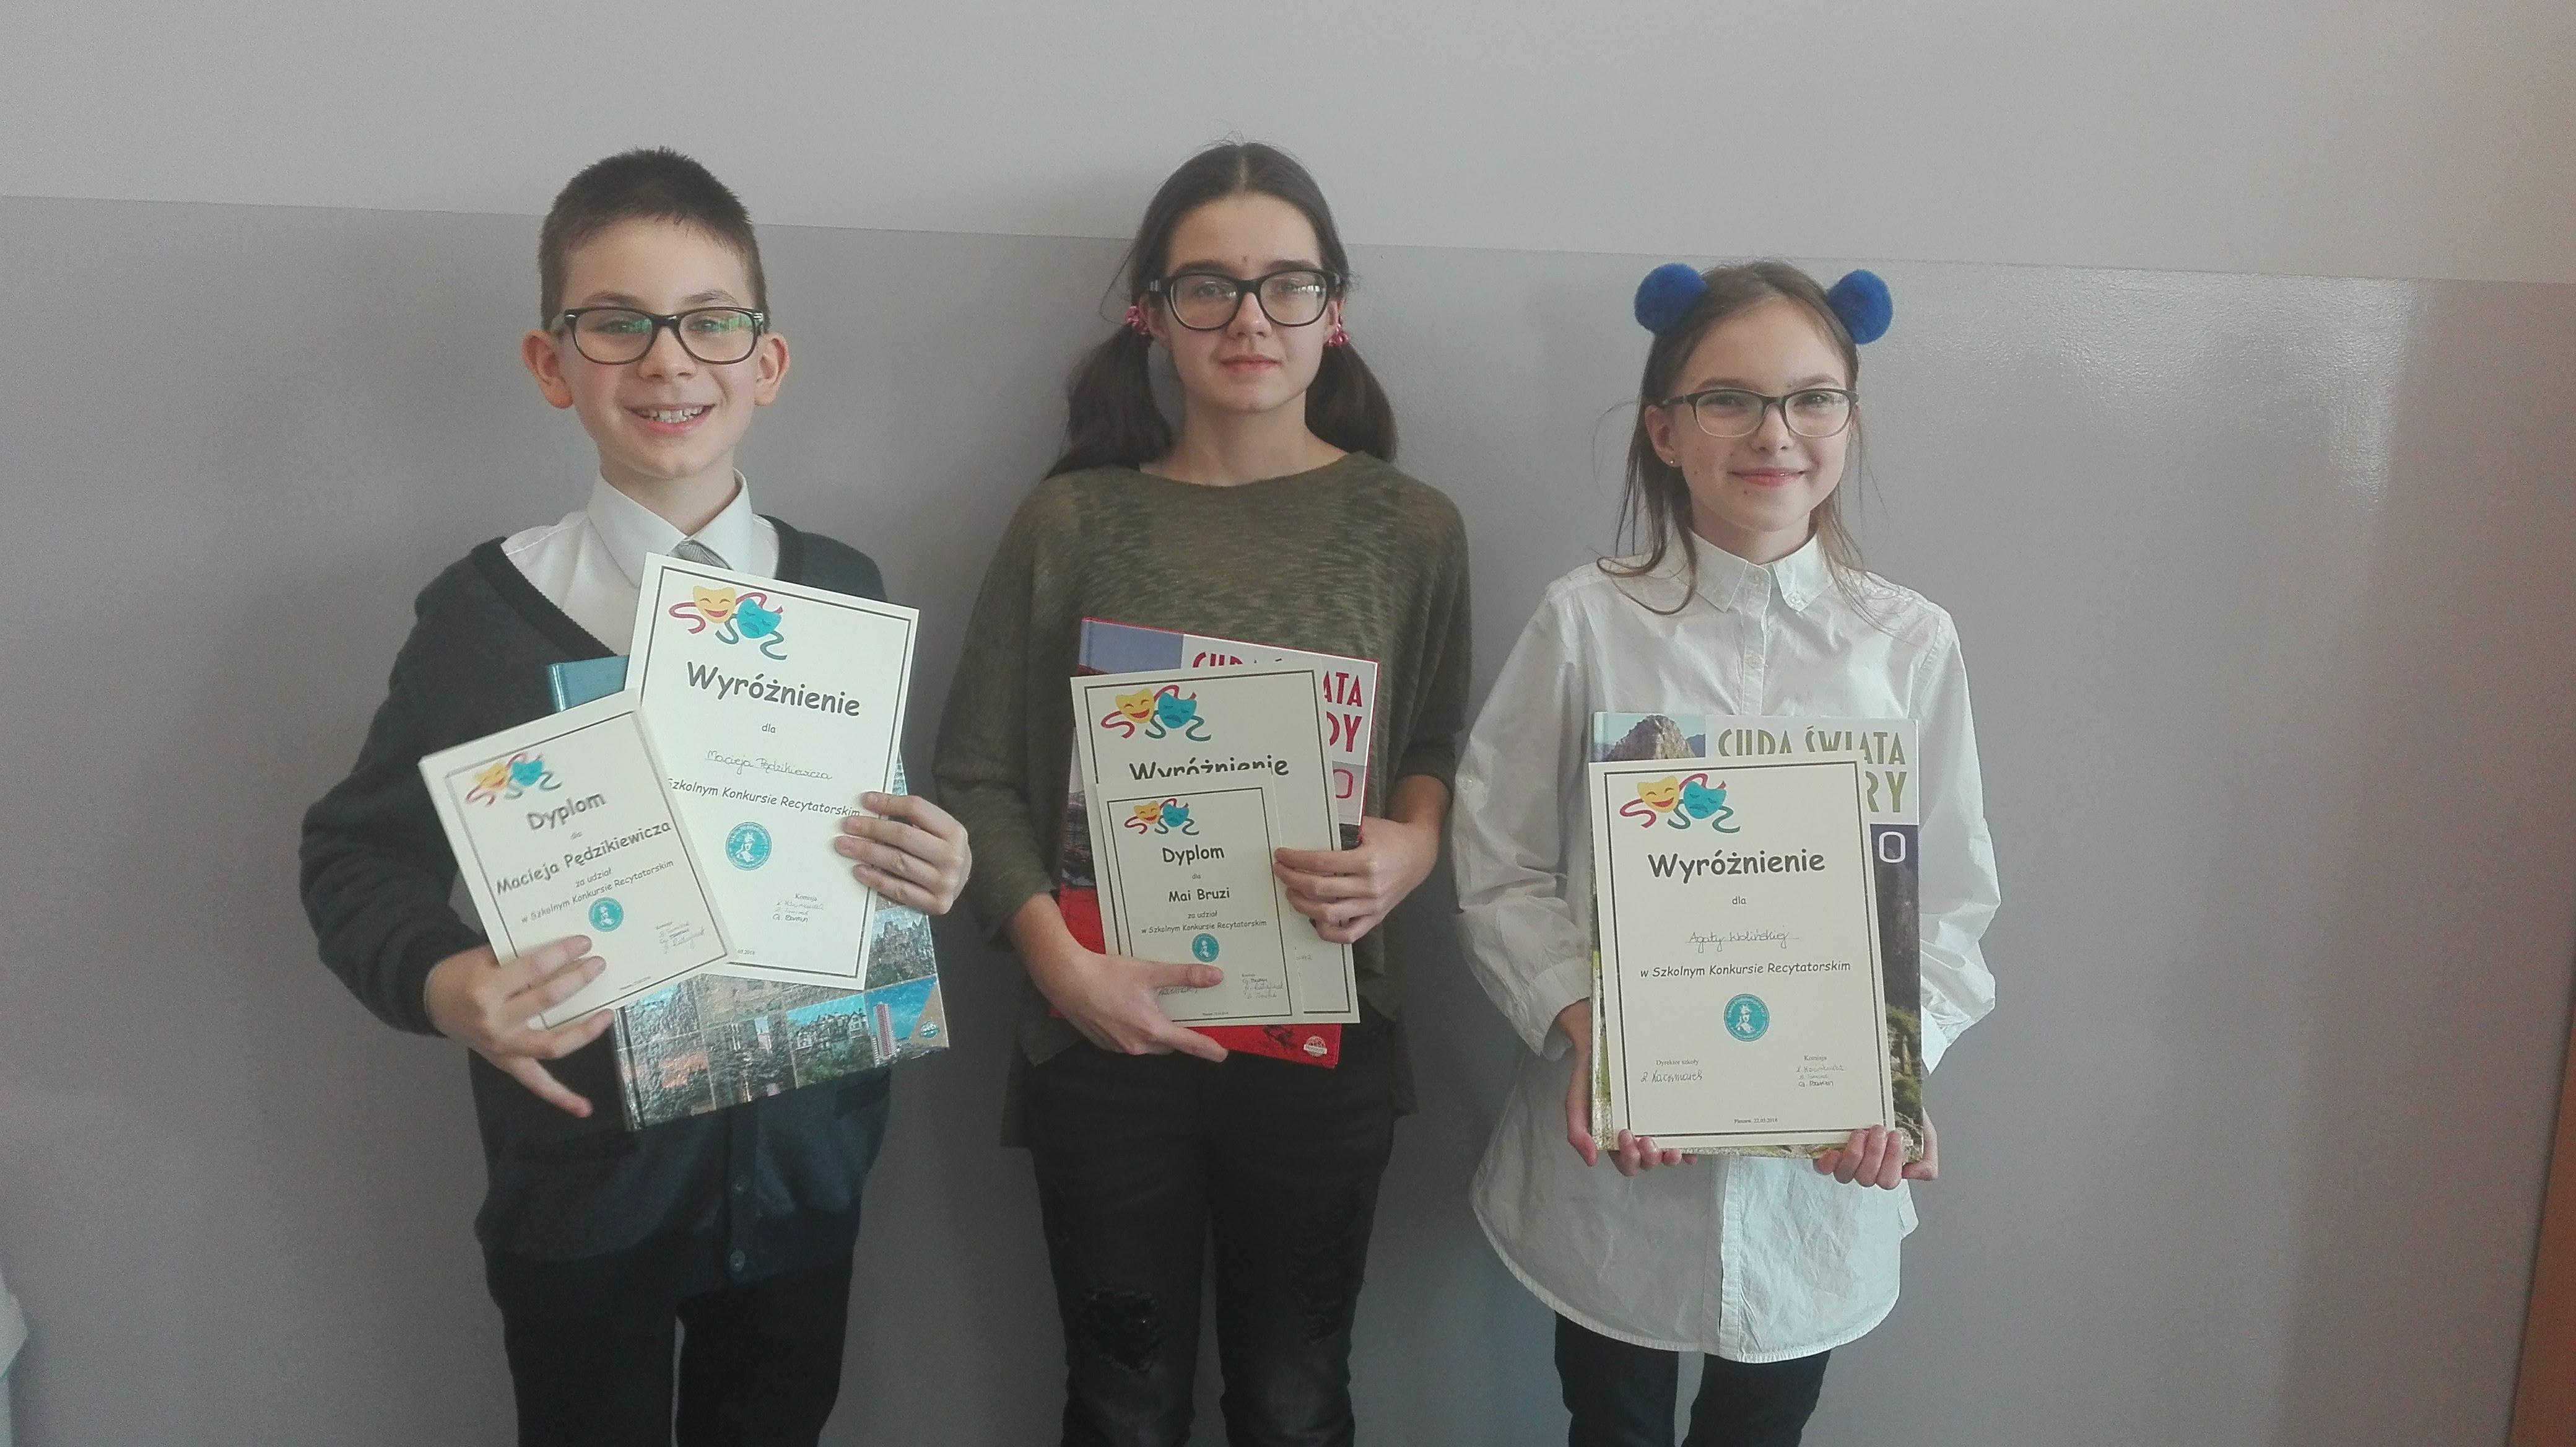 Szkolny Konkurs Recytorski dla uczniów klas IV-VI